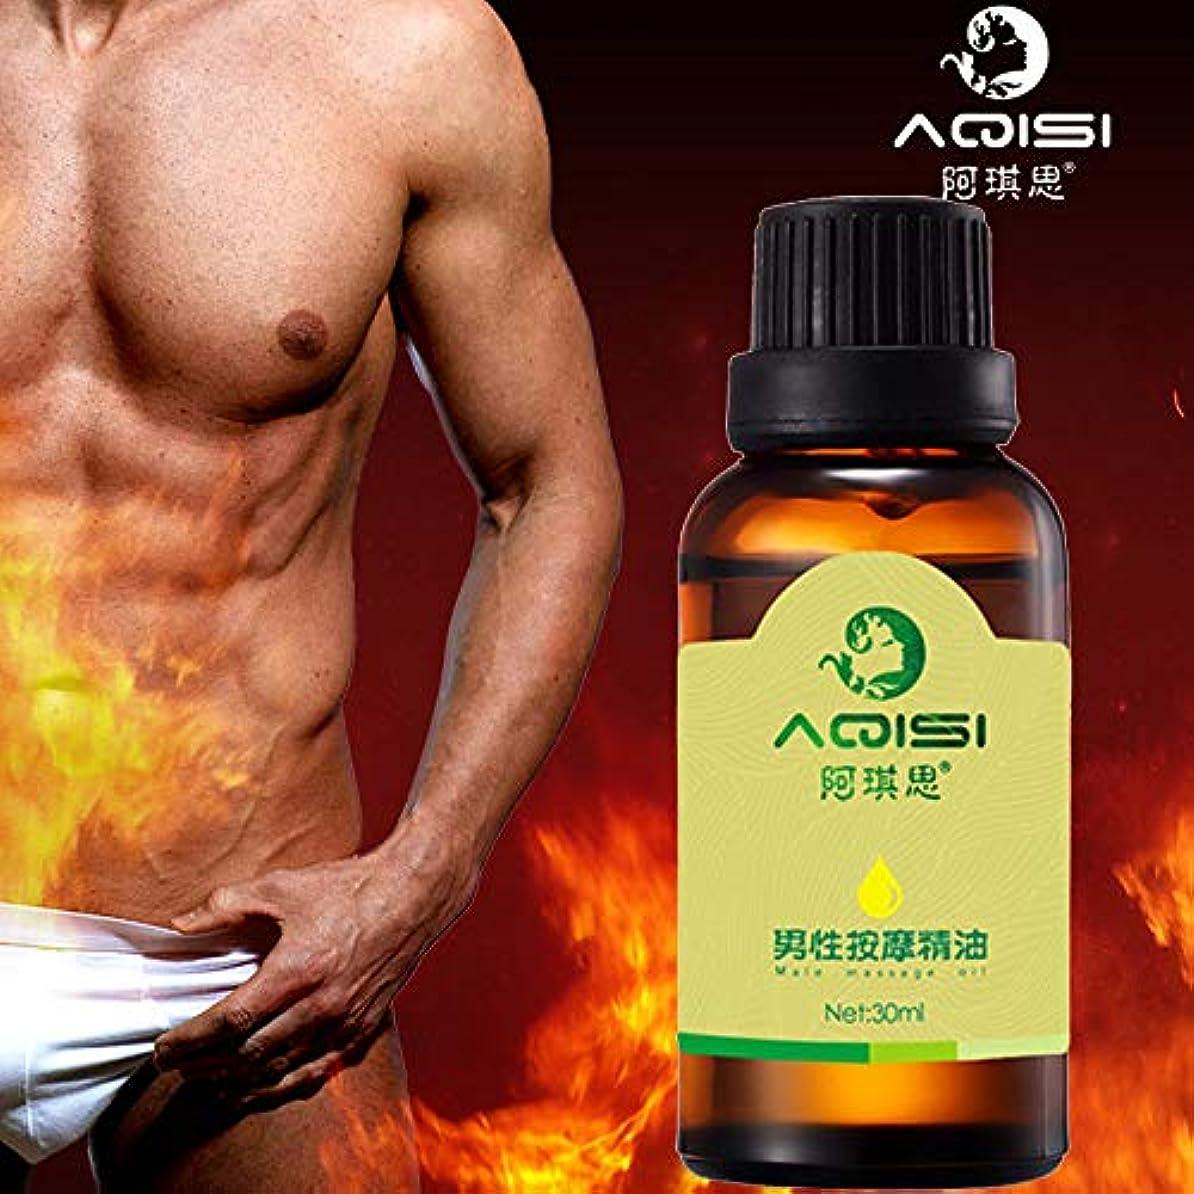 ライド隔離アクセスEldori Male Growth Penis Extender Enlarger Increase Herbal Enlargement Essential Oil エッセンシャルオイル ペニス用 マッサージオイル...